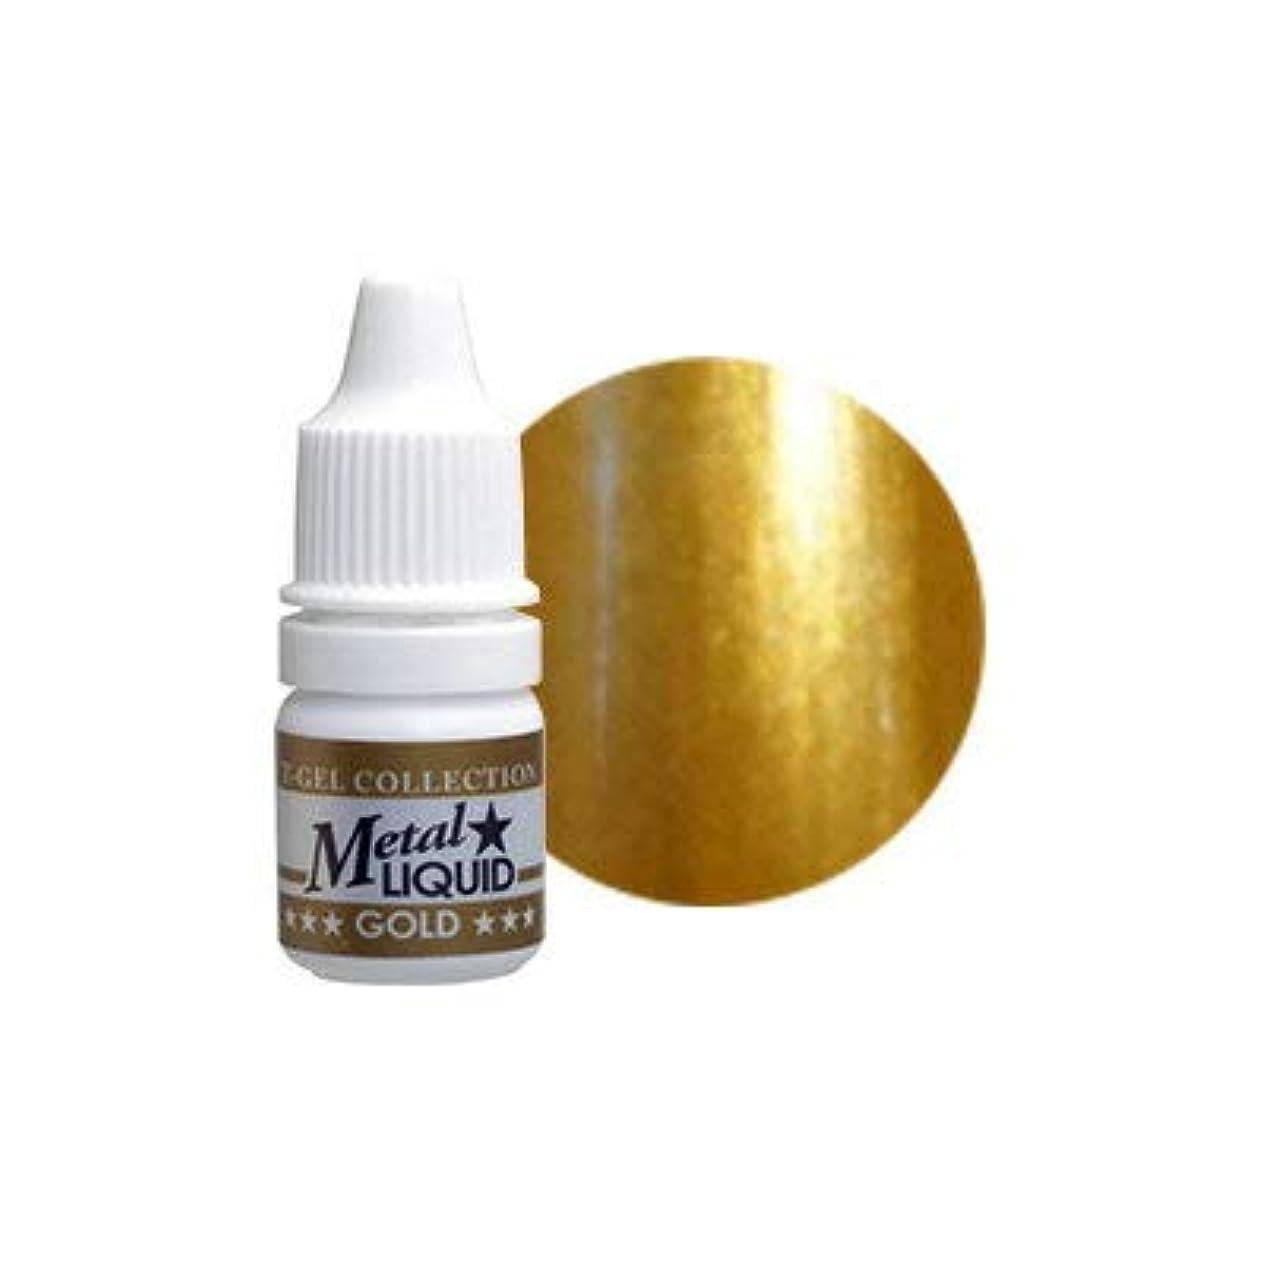 みがきます方向提出するT-GEL COLLECTION メタルリキッド ゴールド 3g